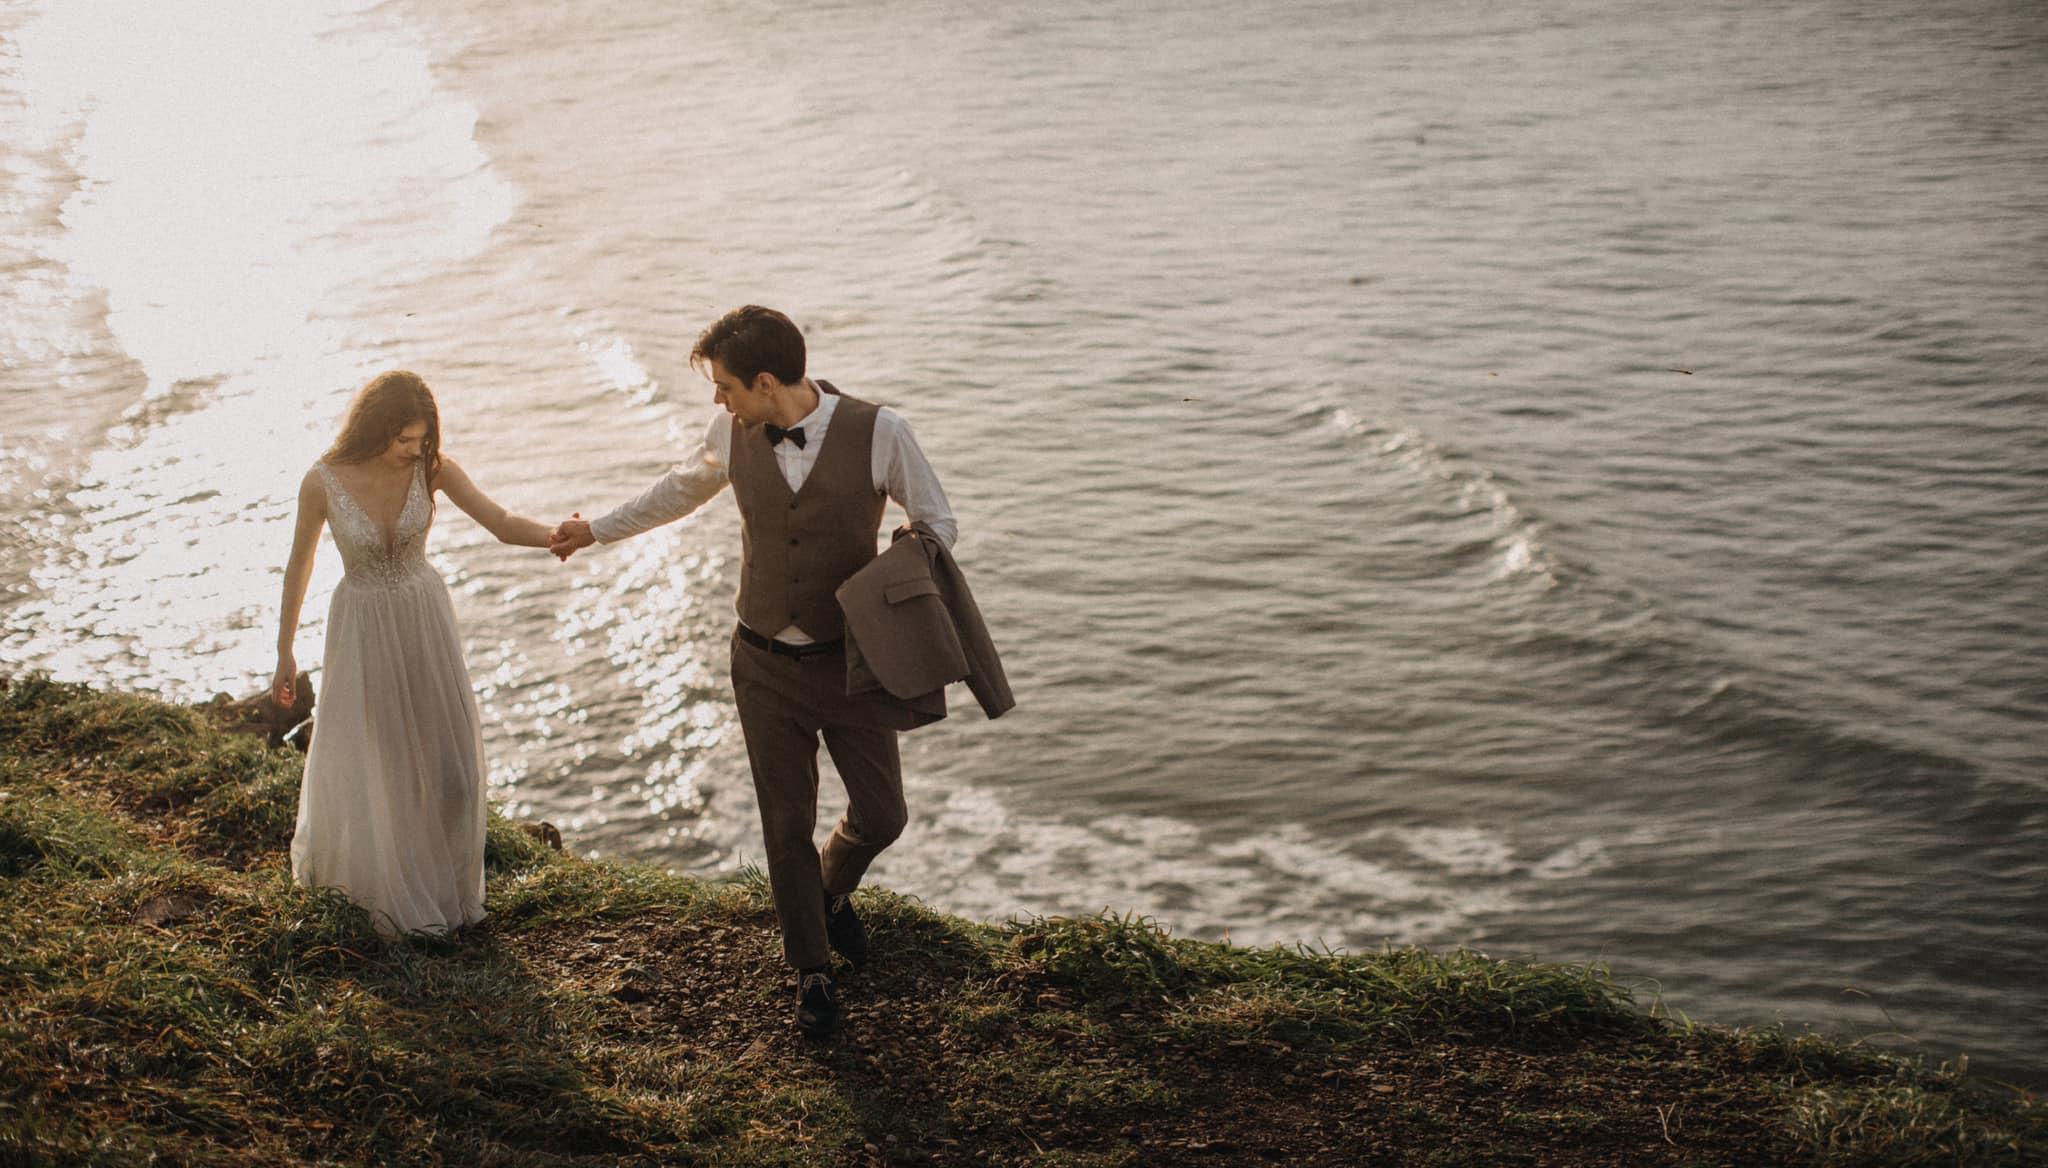 Xếp hạng 5 Studio chụp ảnh cưới đẹp nhất Bình Phước - Quốc Thắng Studio